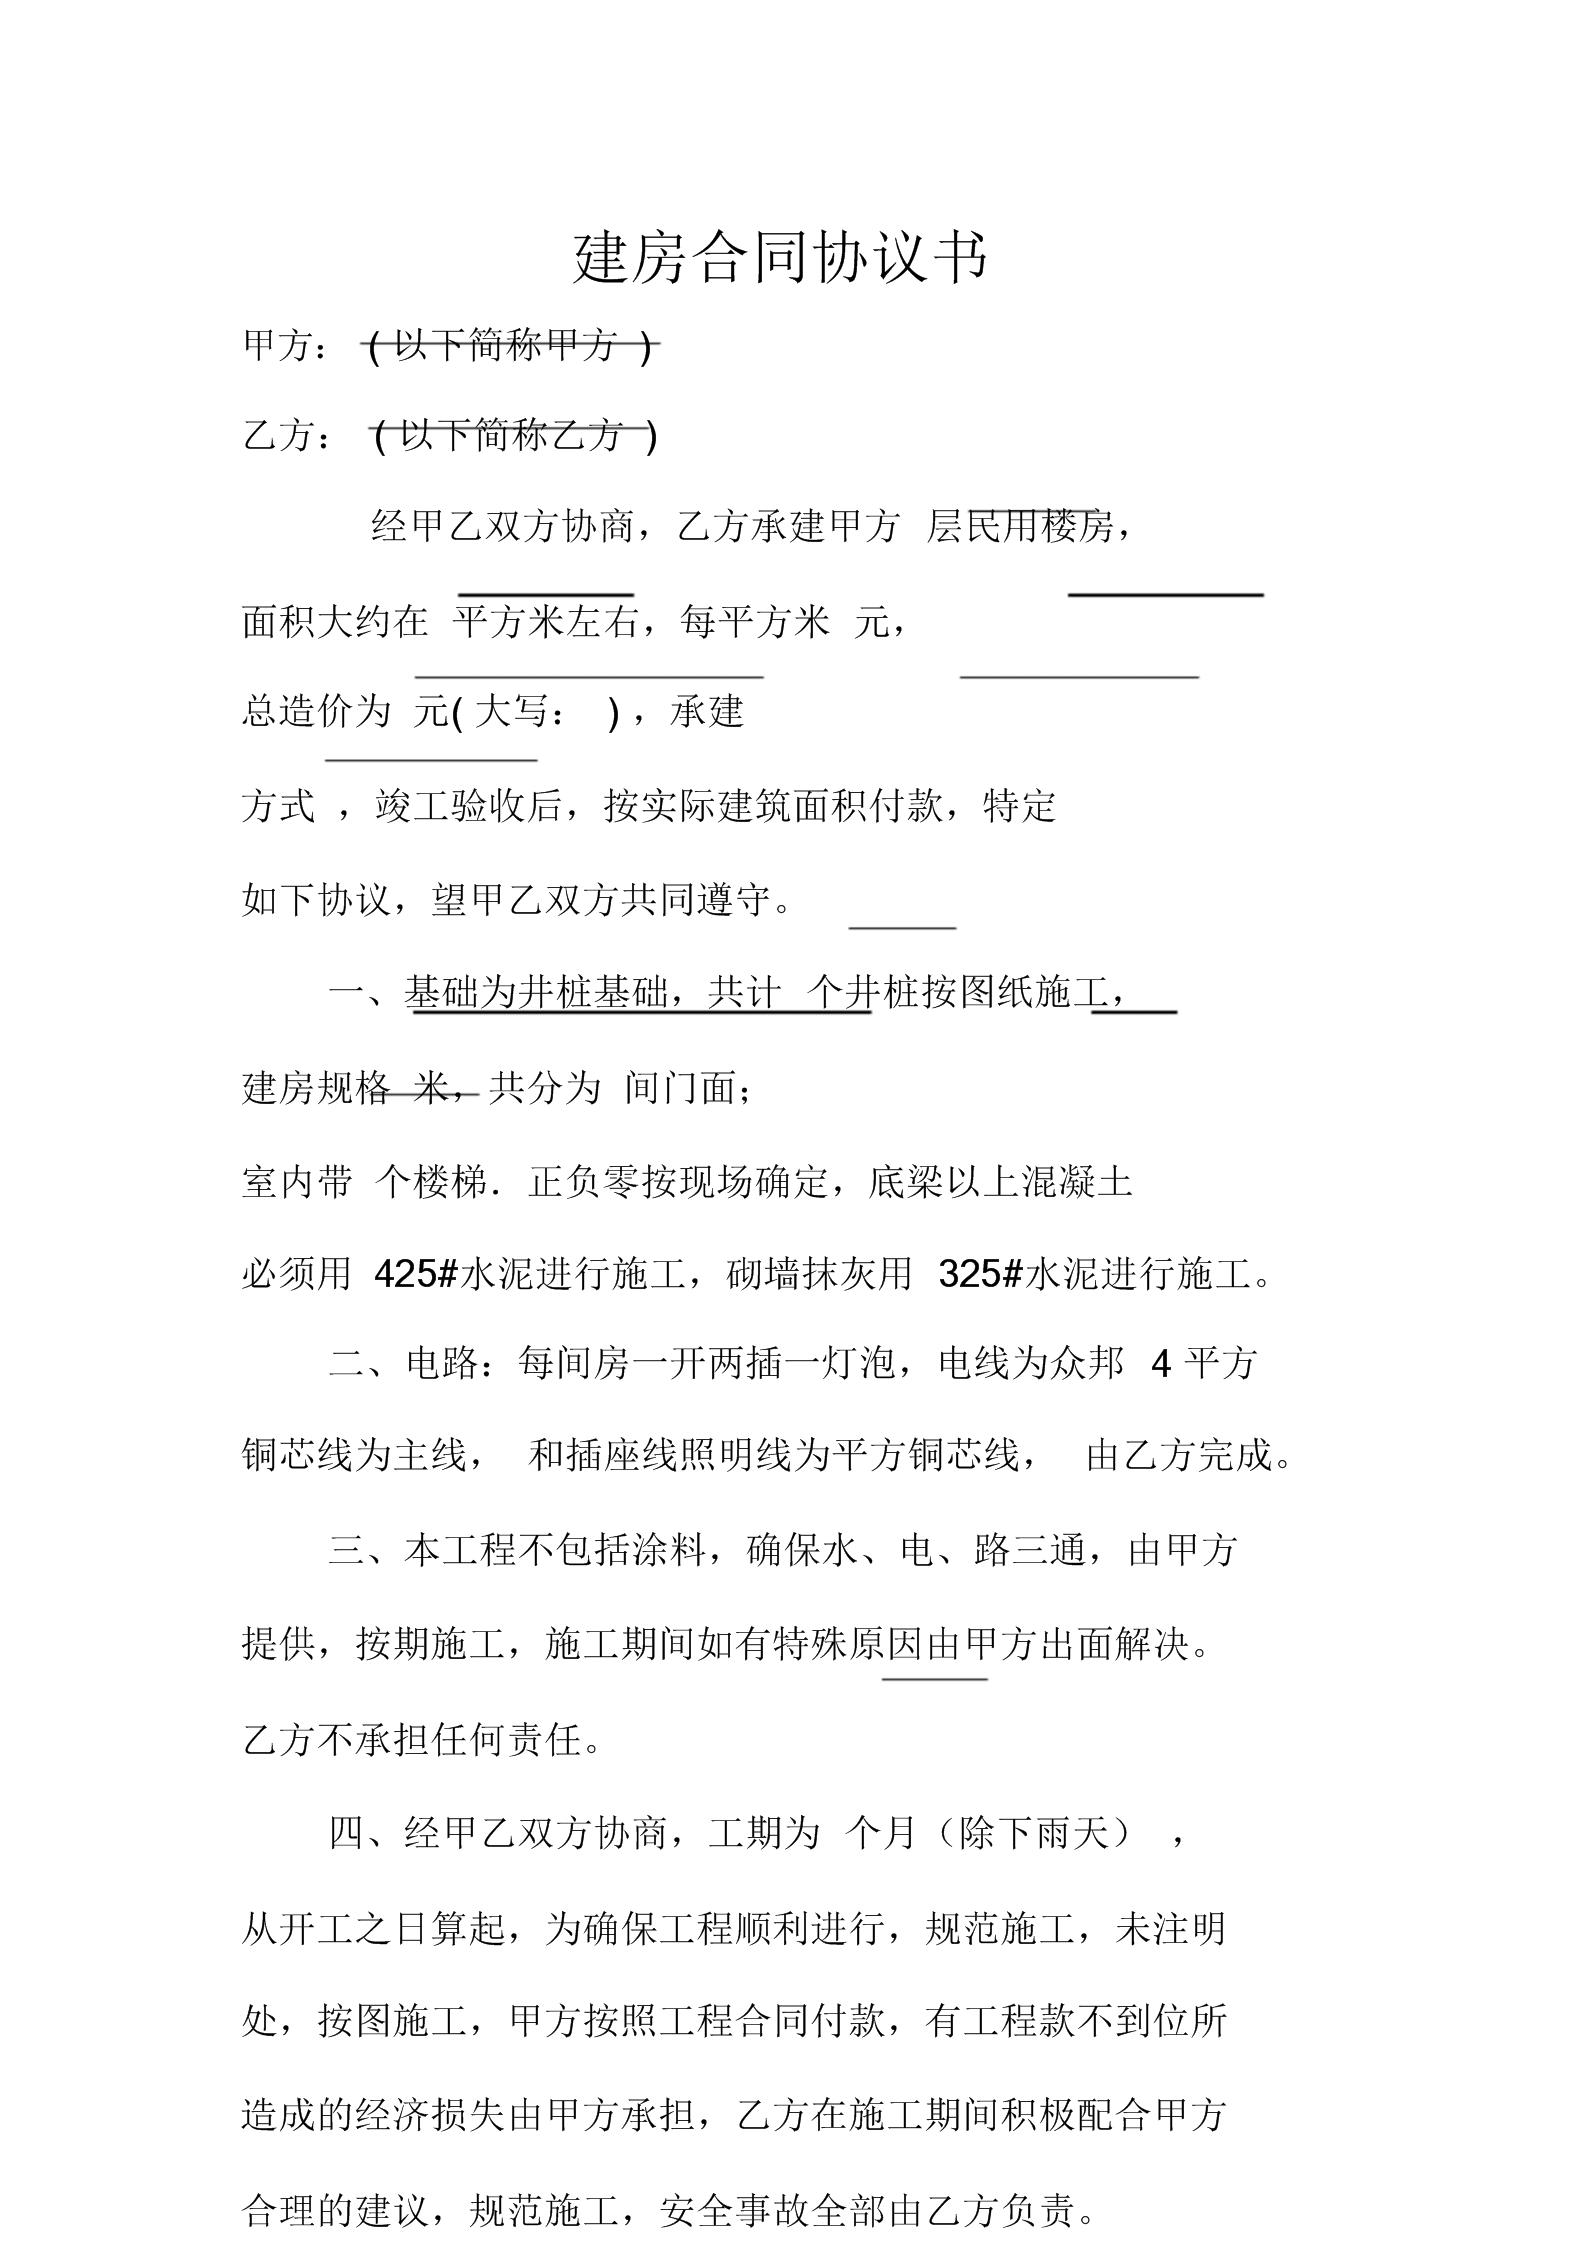 荐-建房合同模板协议书模板.doc